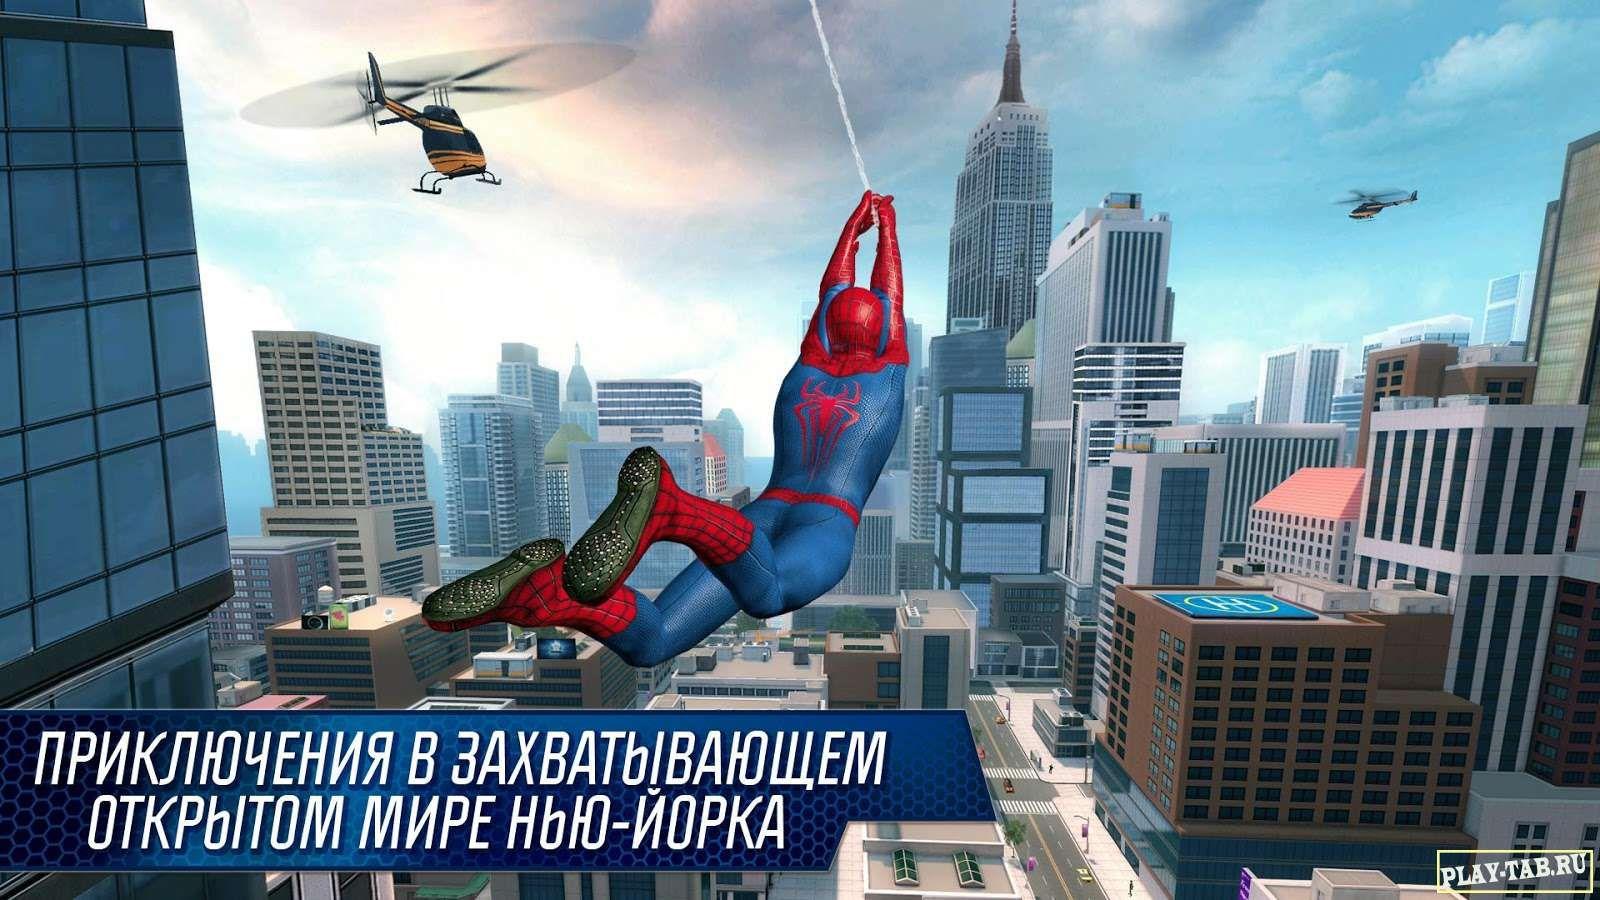 Новый человек-паук 2012 обои для рабочего стола, картинки и фото.